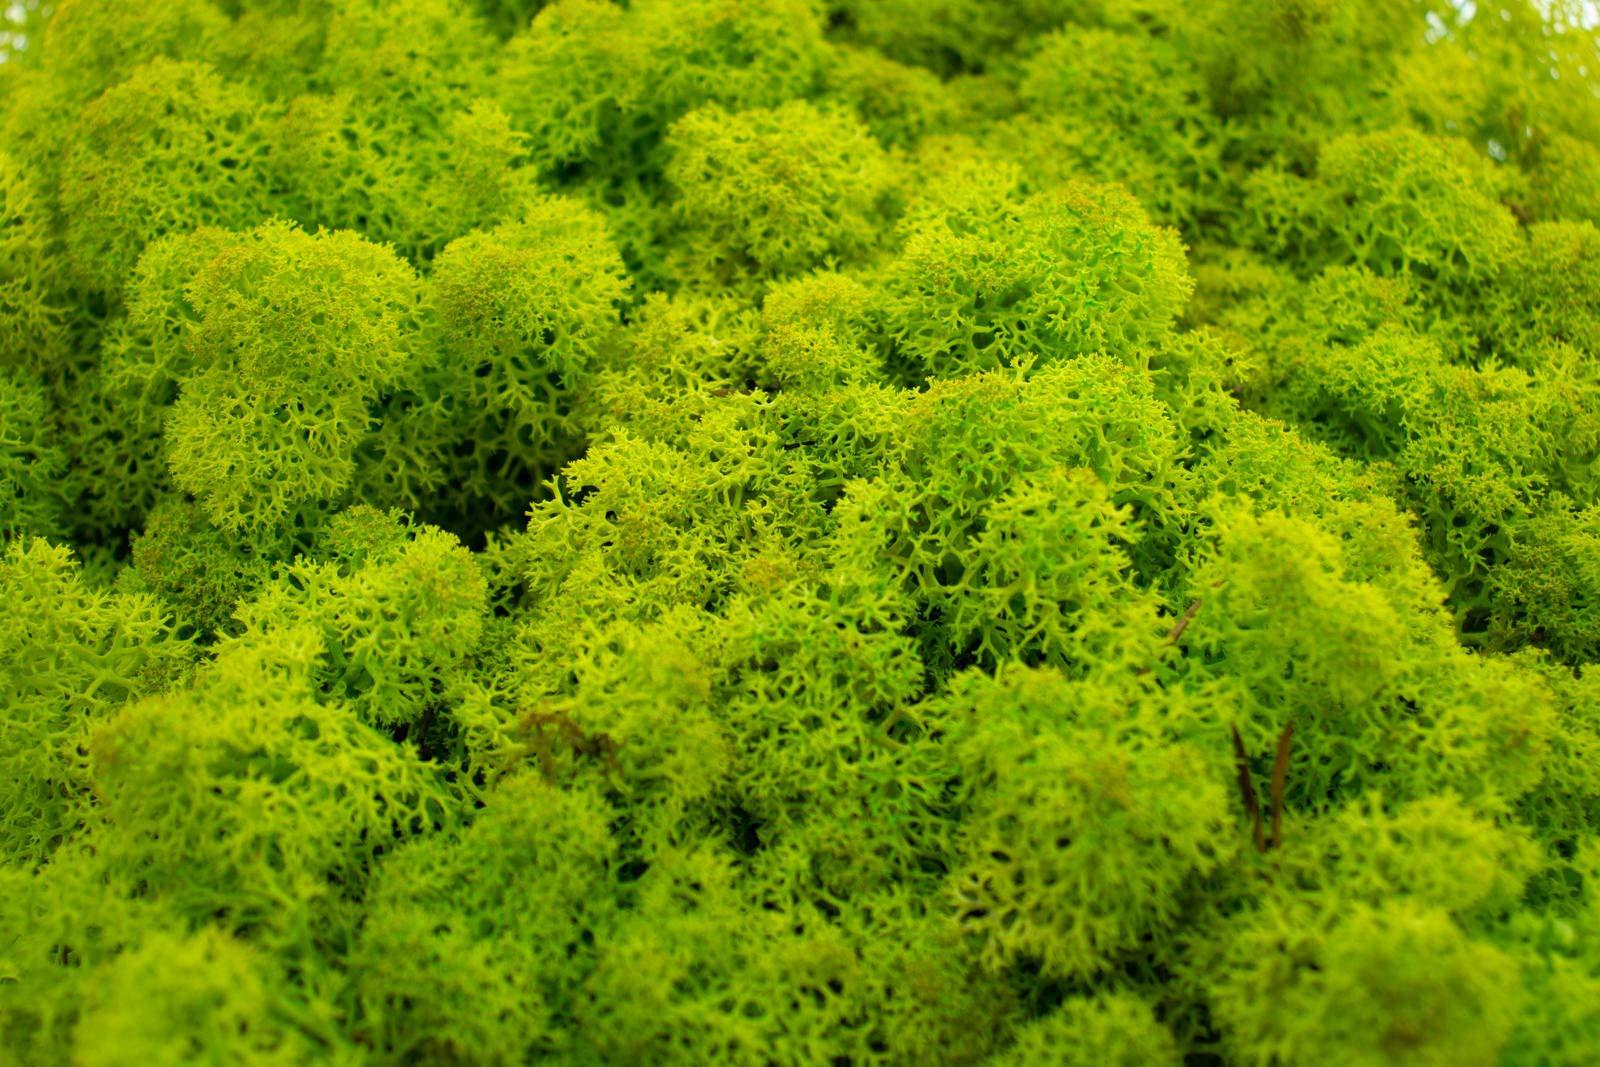 Islandmoos tannengrün 500g konserviert dunkelgrün kräftig grün waldgrün moosgrün